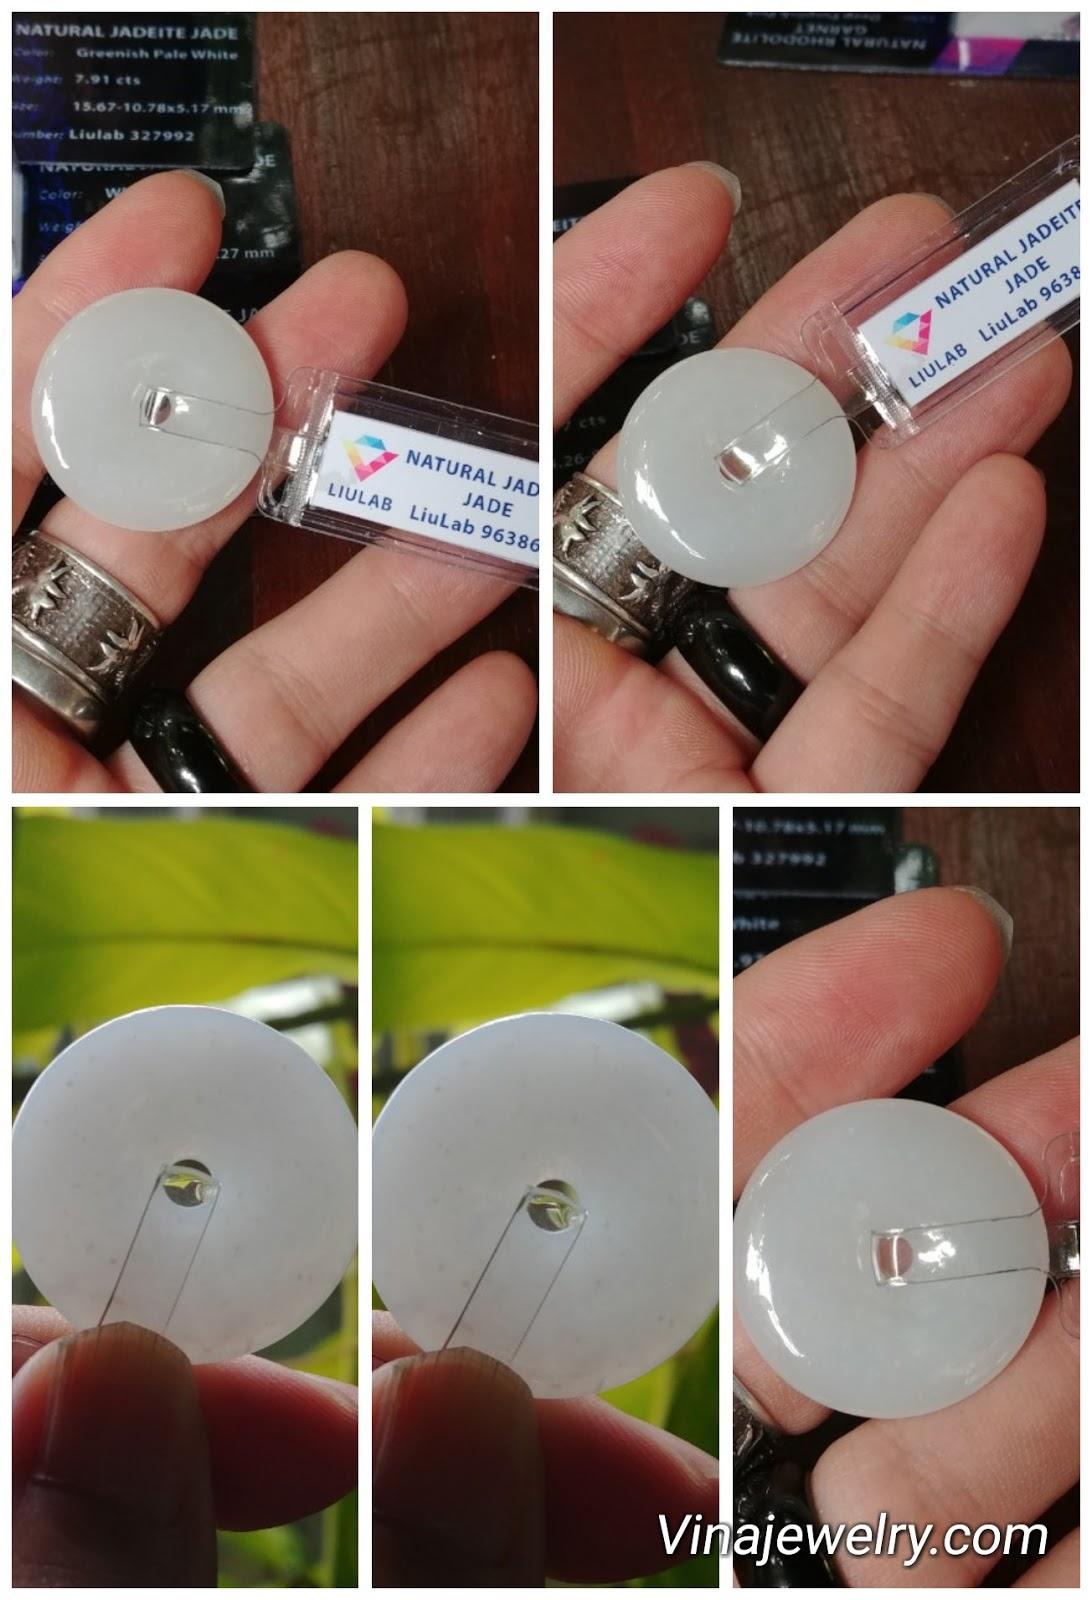 Đồng điếu Bạch Ngọc cẩm thạch Myanmar Natural Jade đã kiểm định Liulab, chuẩn A